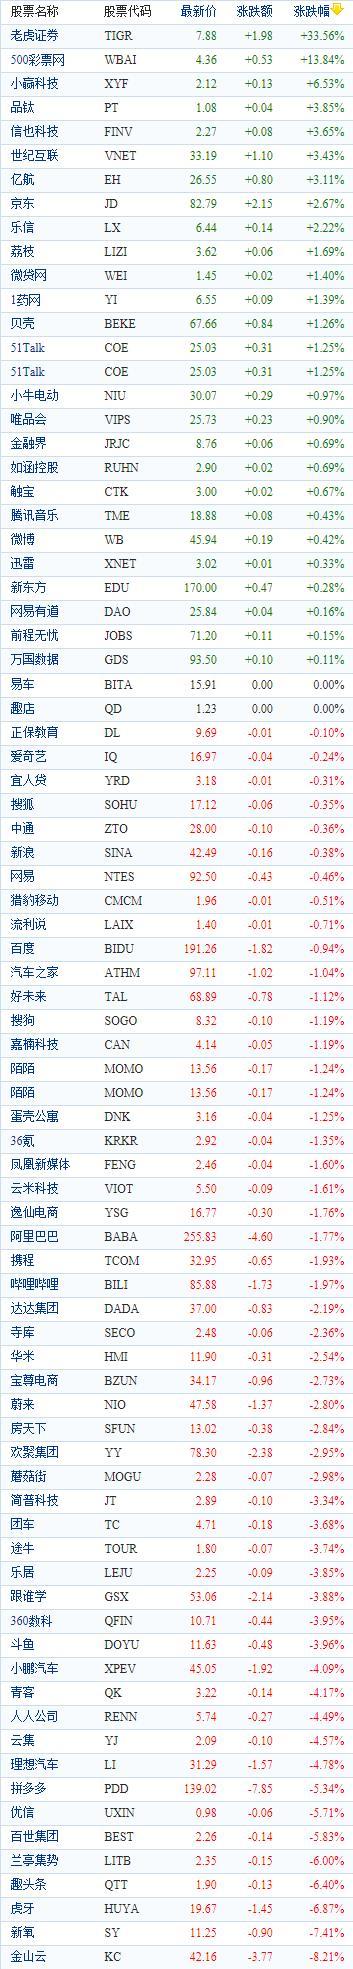 中国概念股周二收盘涨跌互现 老虎证券涨逾33%-美股频道-金融界